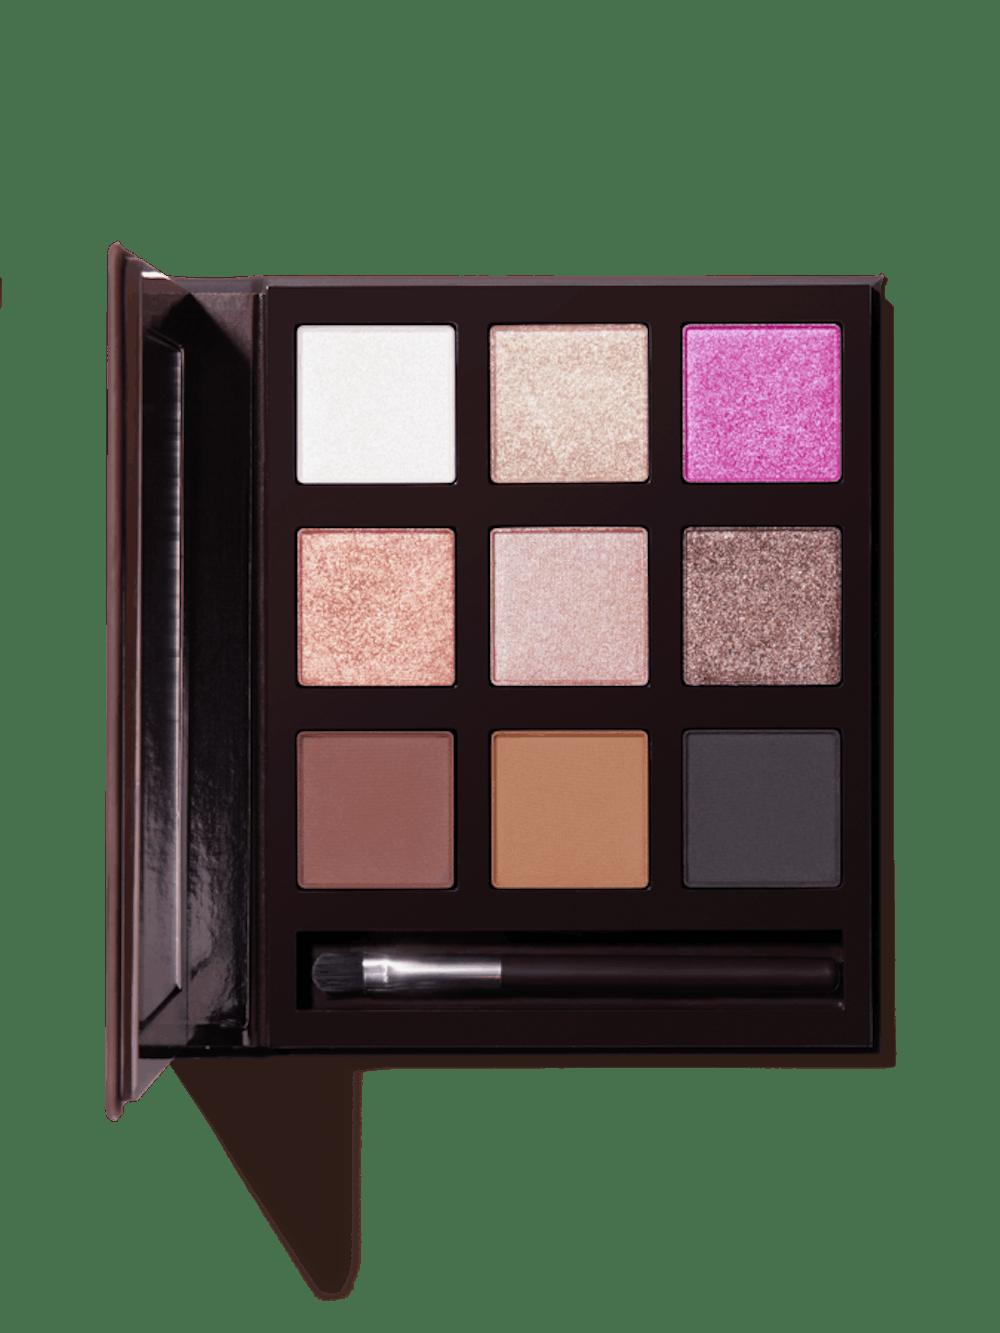 Flesh Fleshcolor Eyeshadow Palette